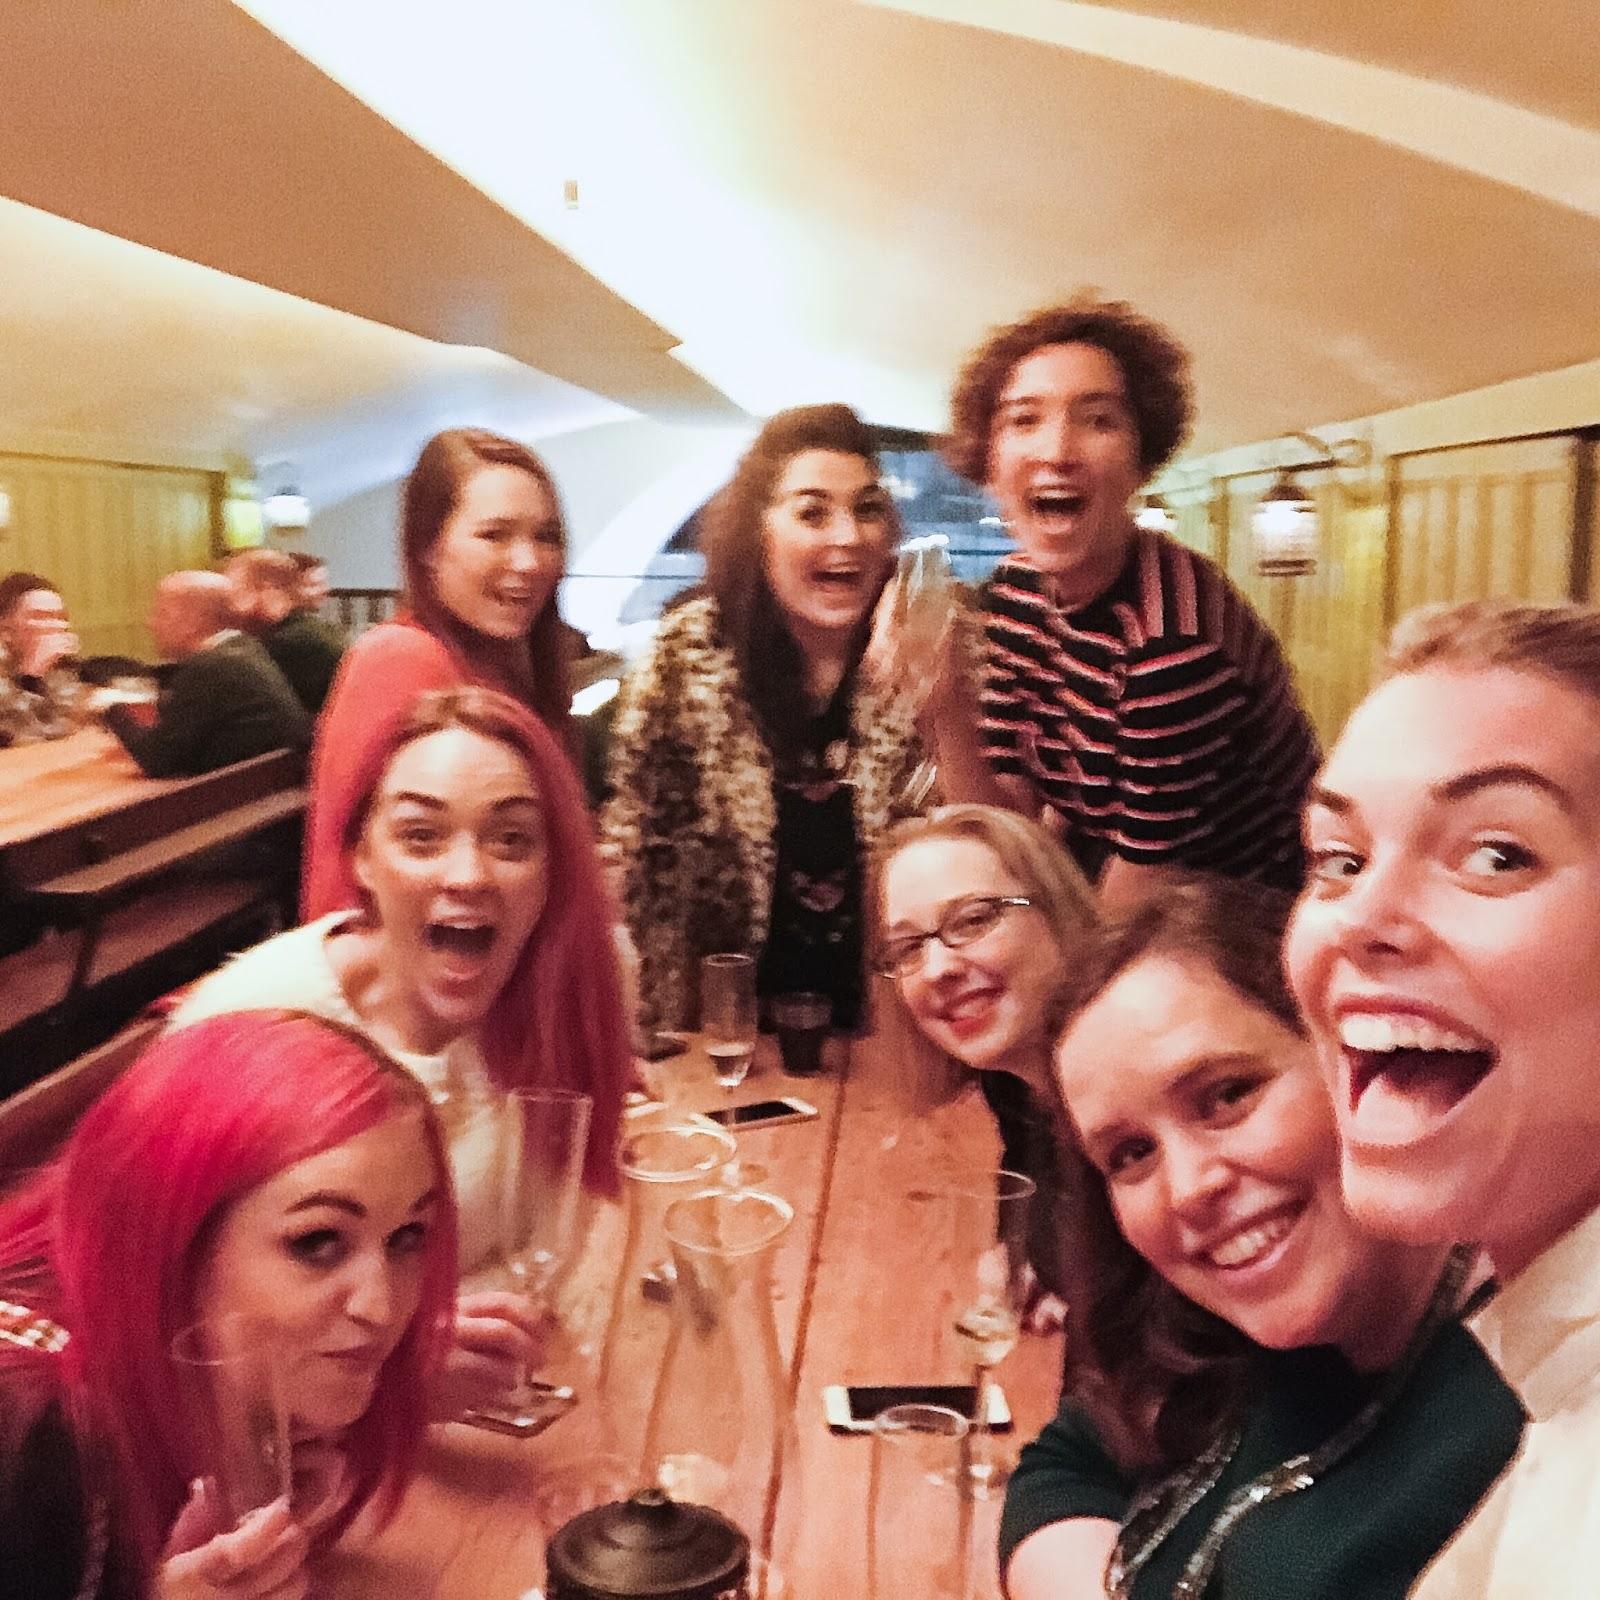 UK lifestyle bloggers